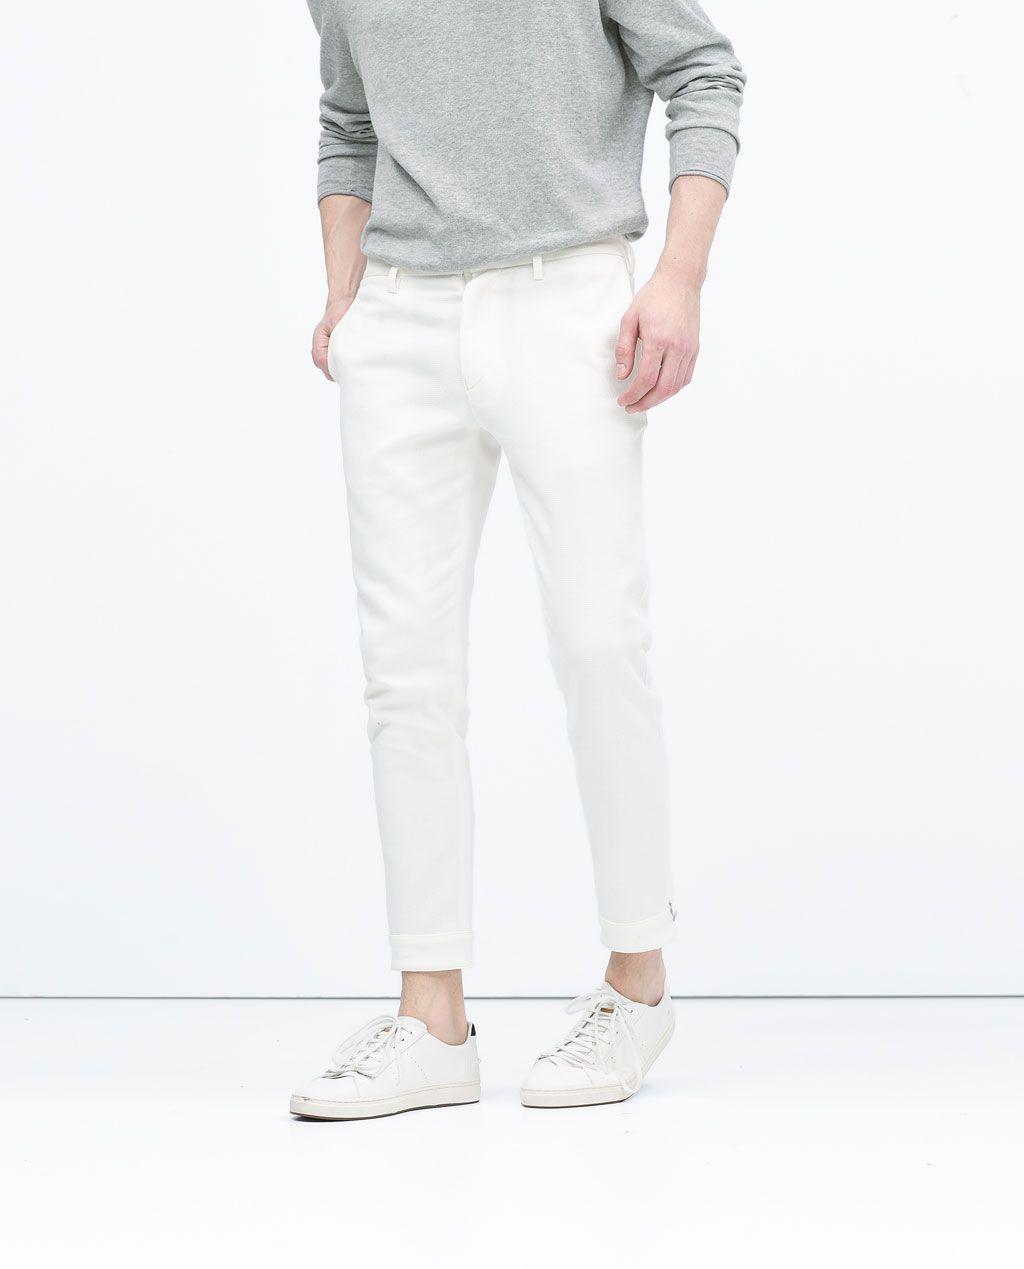 Pin De Patsaratporn Thongman En Outfits Pantalon Blanco Hombres Estilos De Moda Masculina Moda Hombre